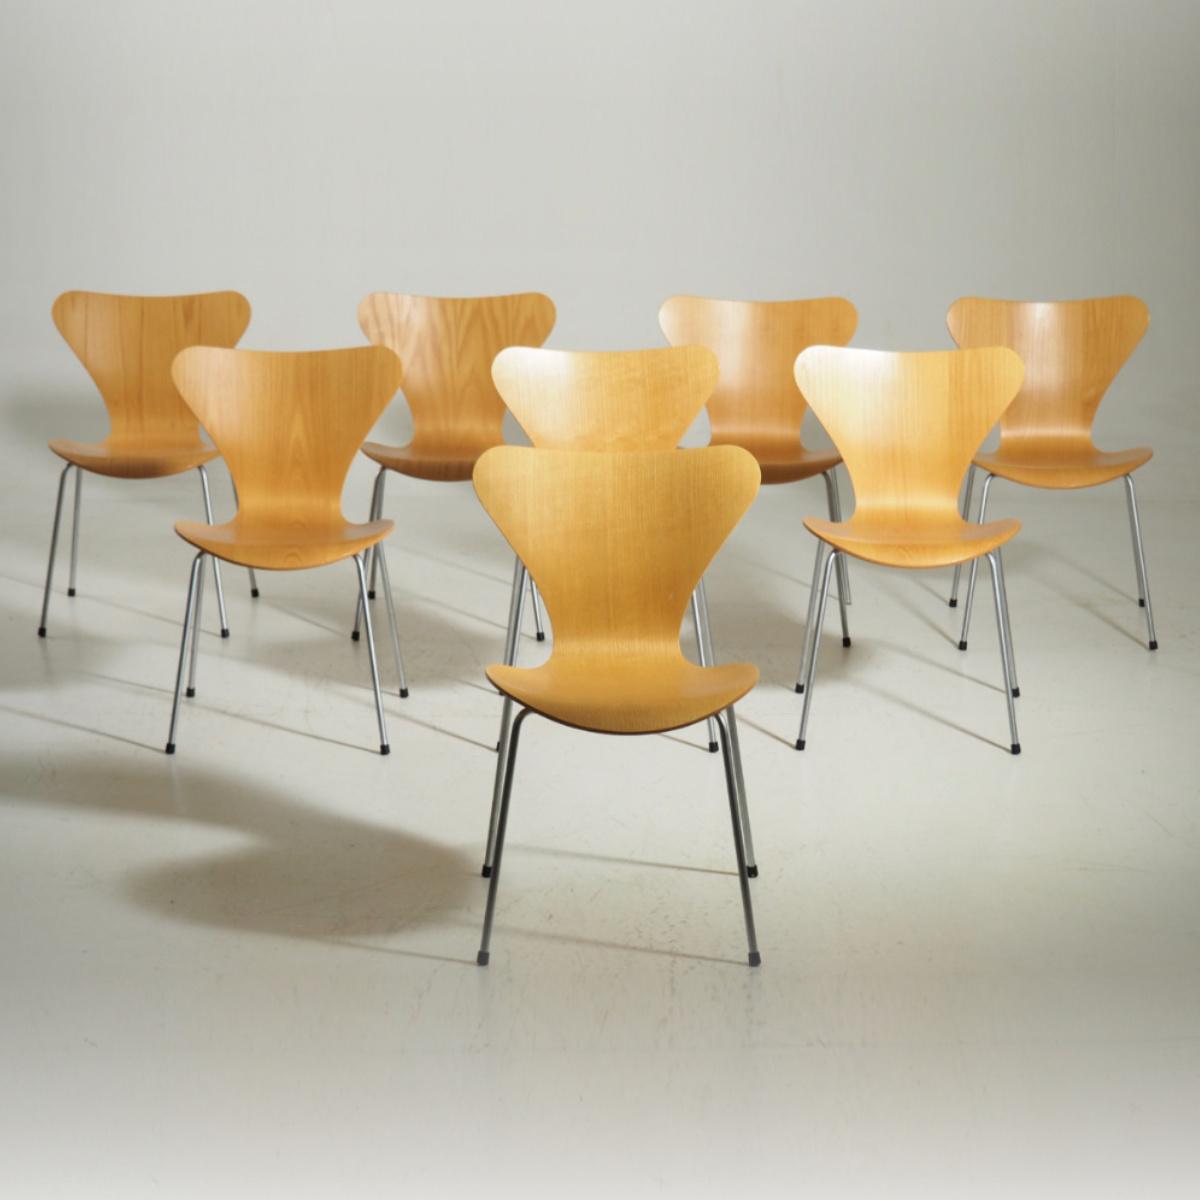 Arne Jacobsen %22Seven%22 chair in beechwood and legs in chromed steel. Made at Fritz Hansen.  .jpg